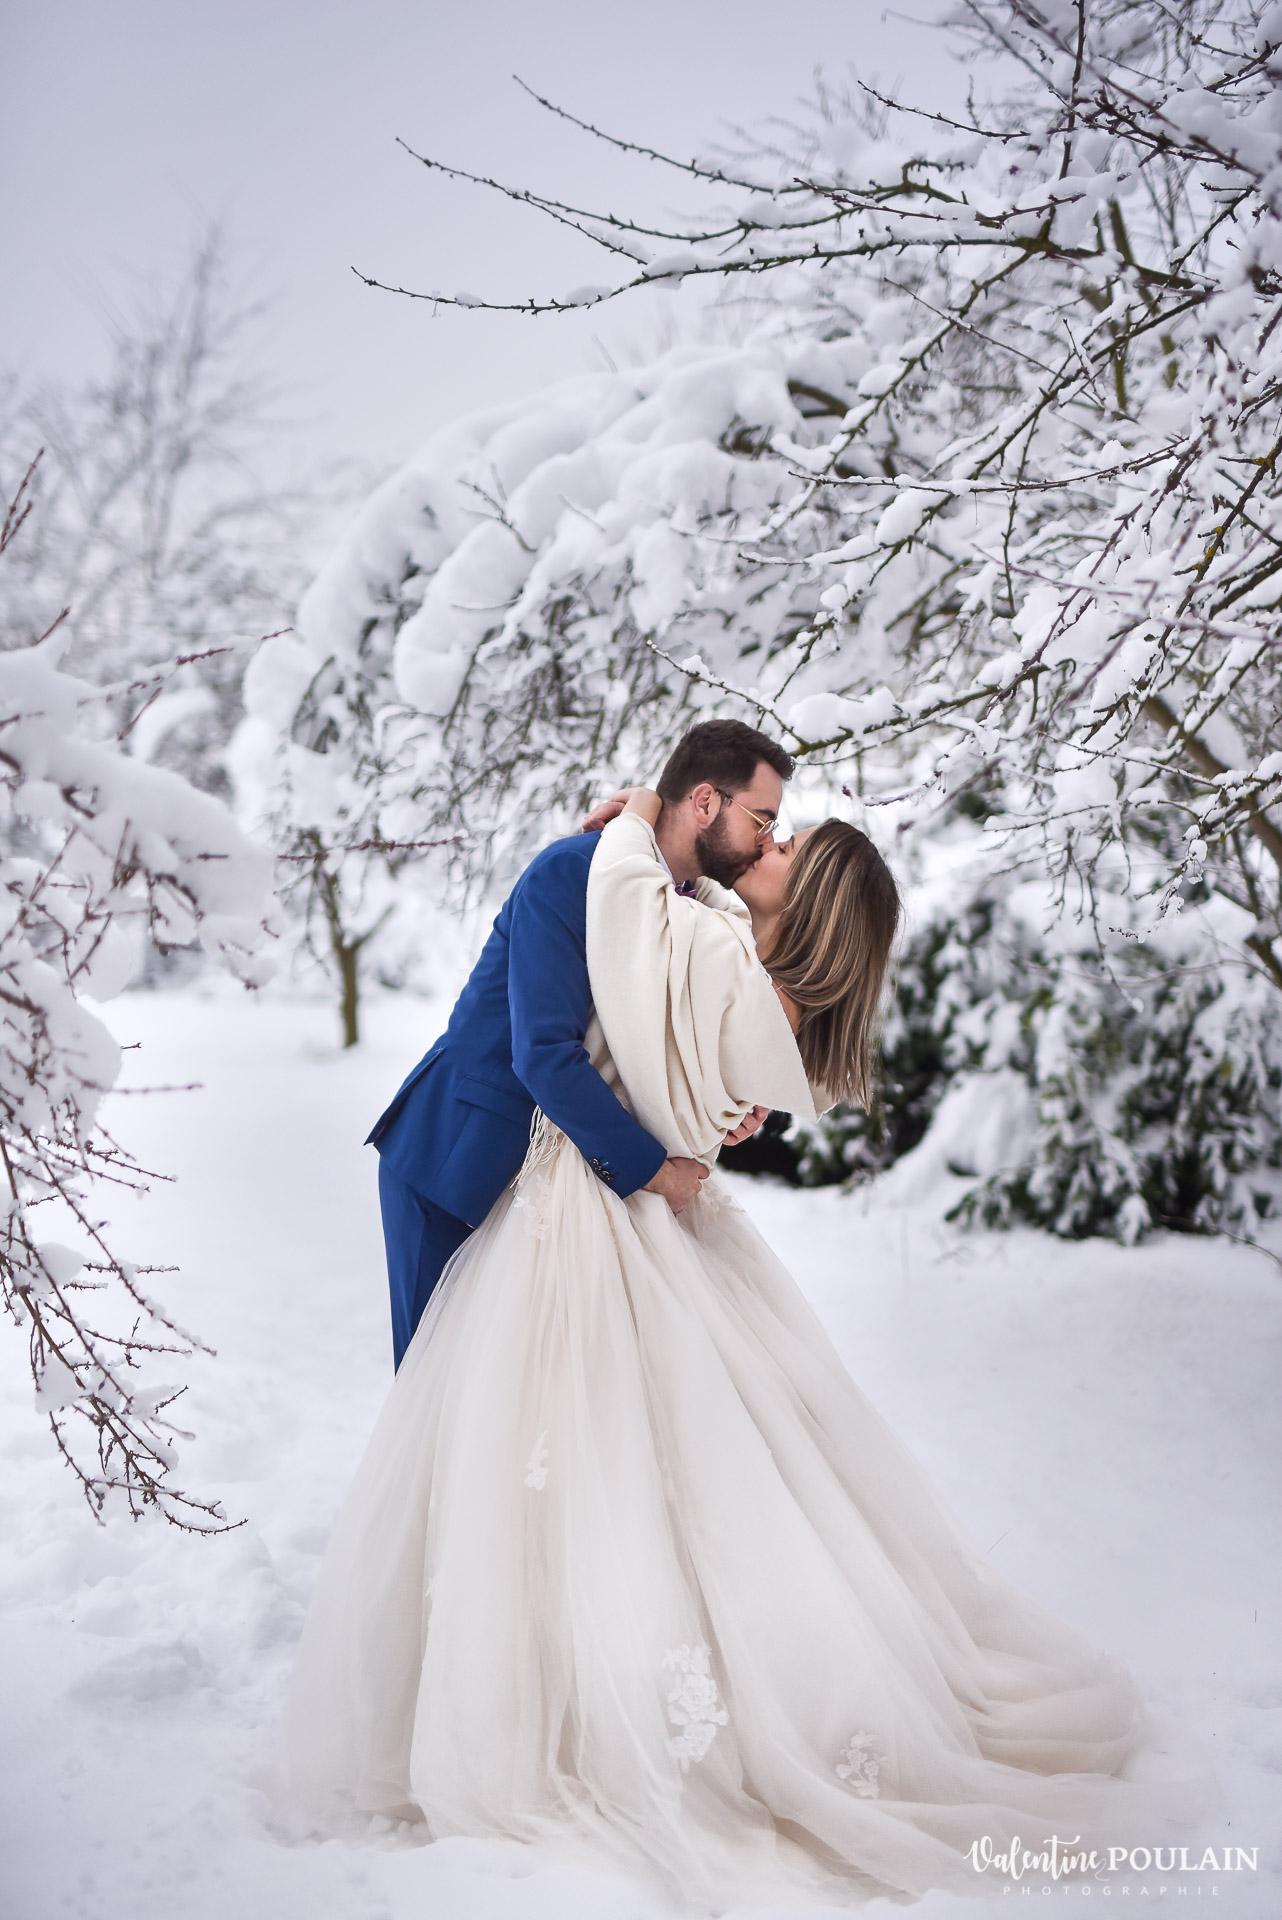 Photo mariage neige hiver - Valentine Poulain conte de fée